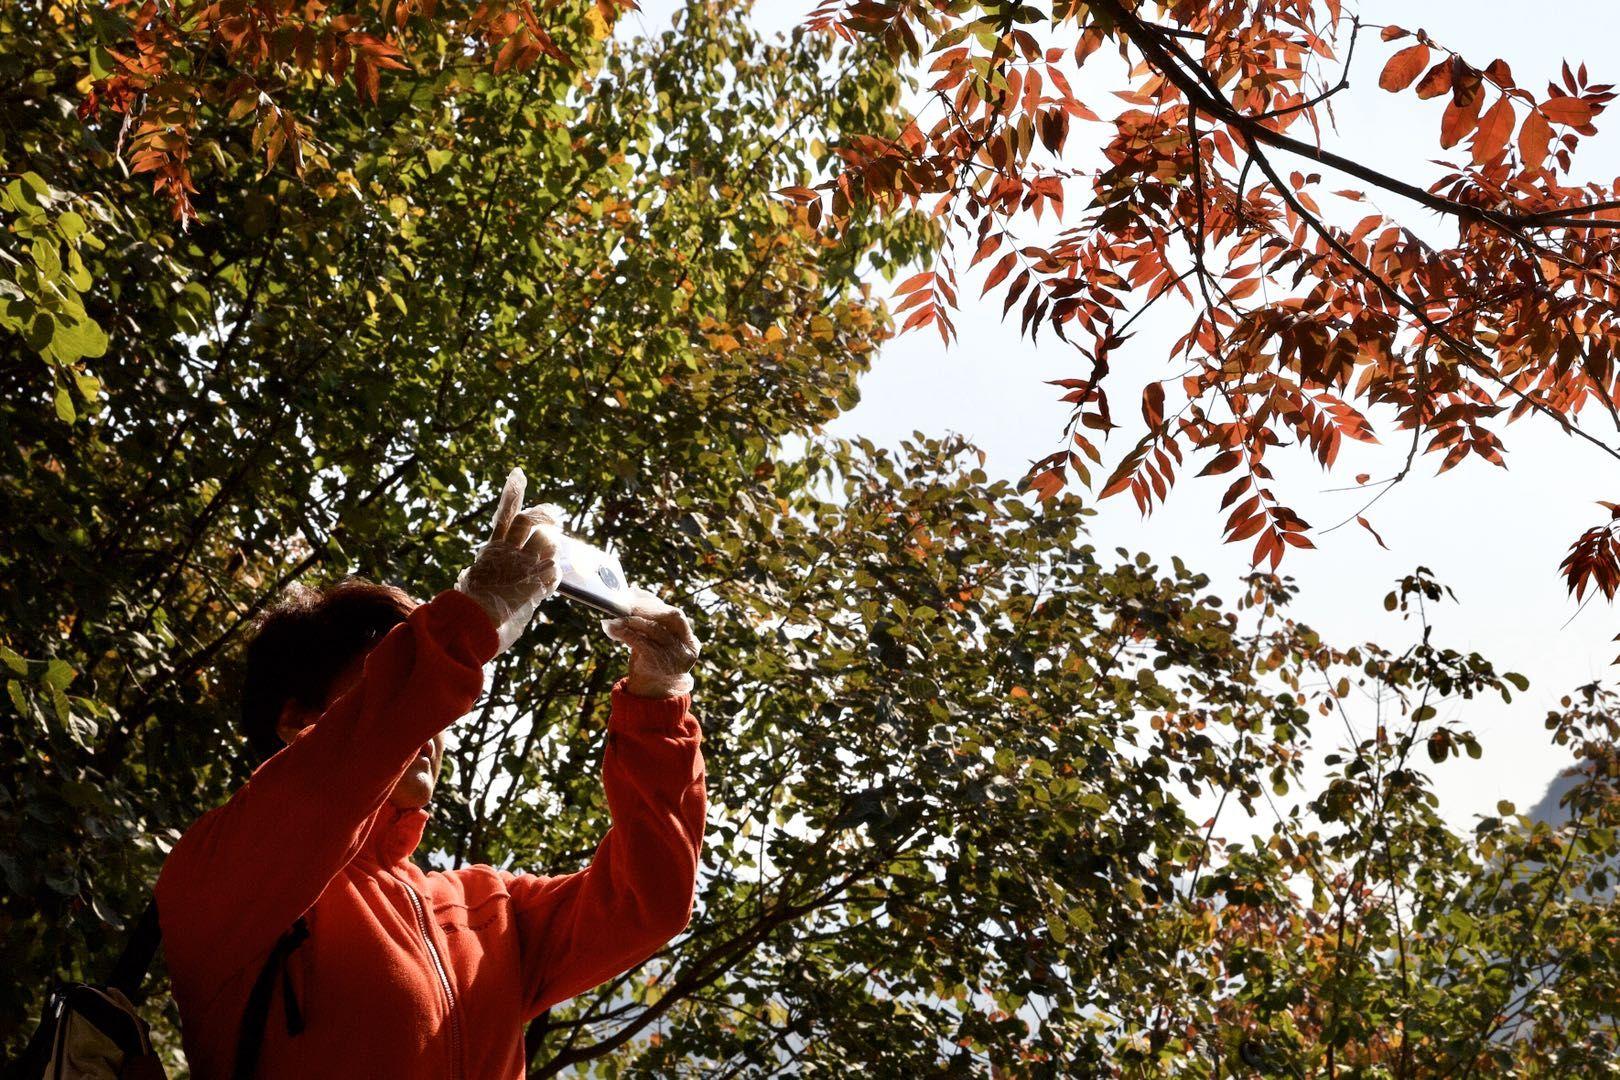 秋天来京郊赏红叶,房山幽岚山坡峰岭红叶节今日开幕图片